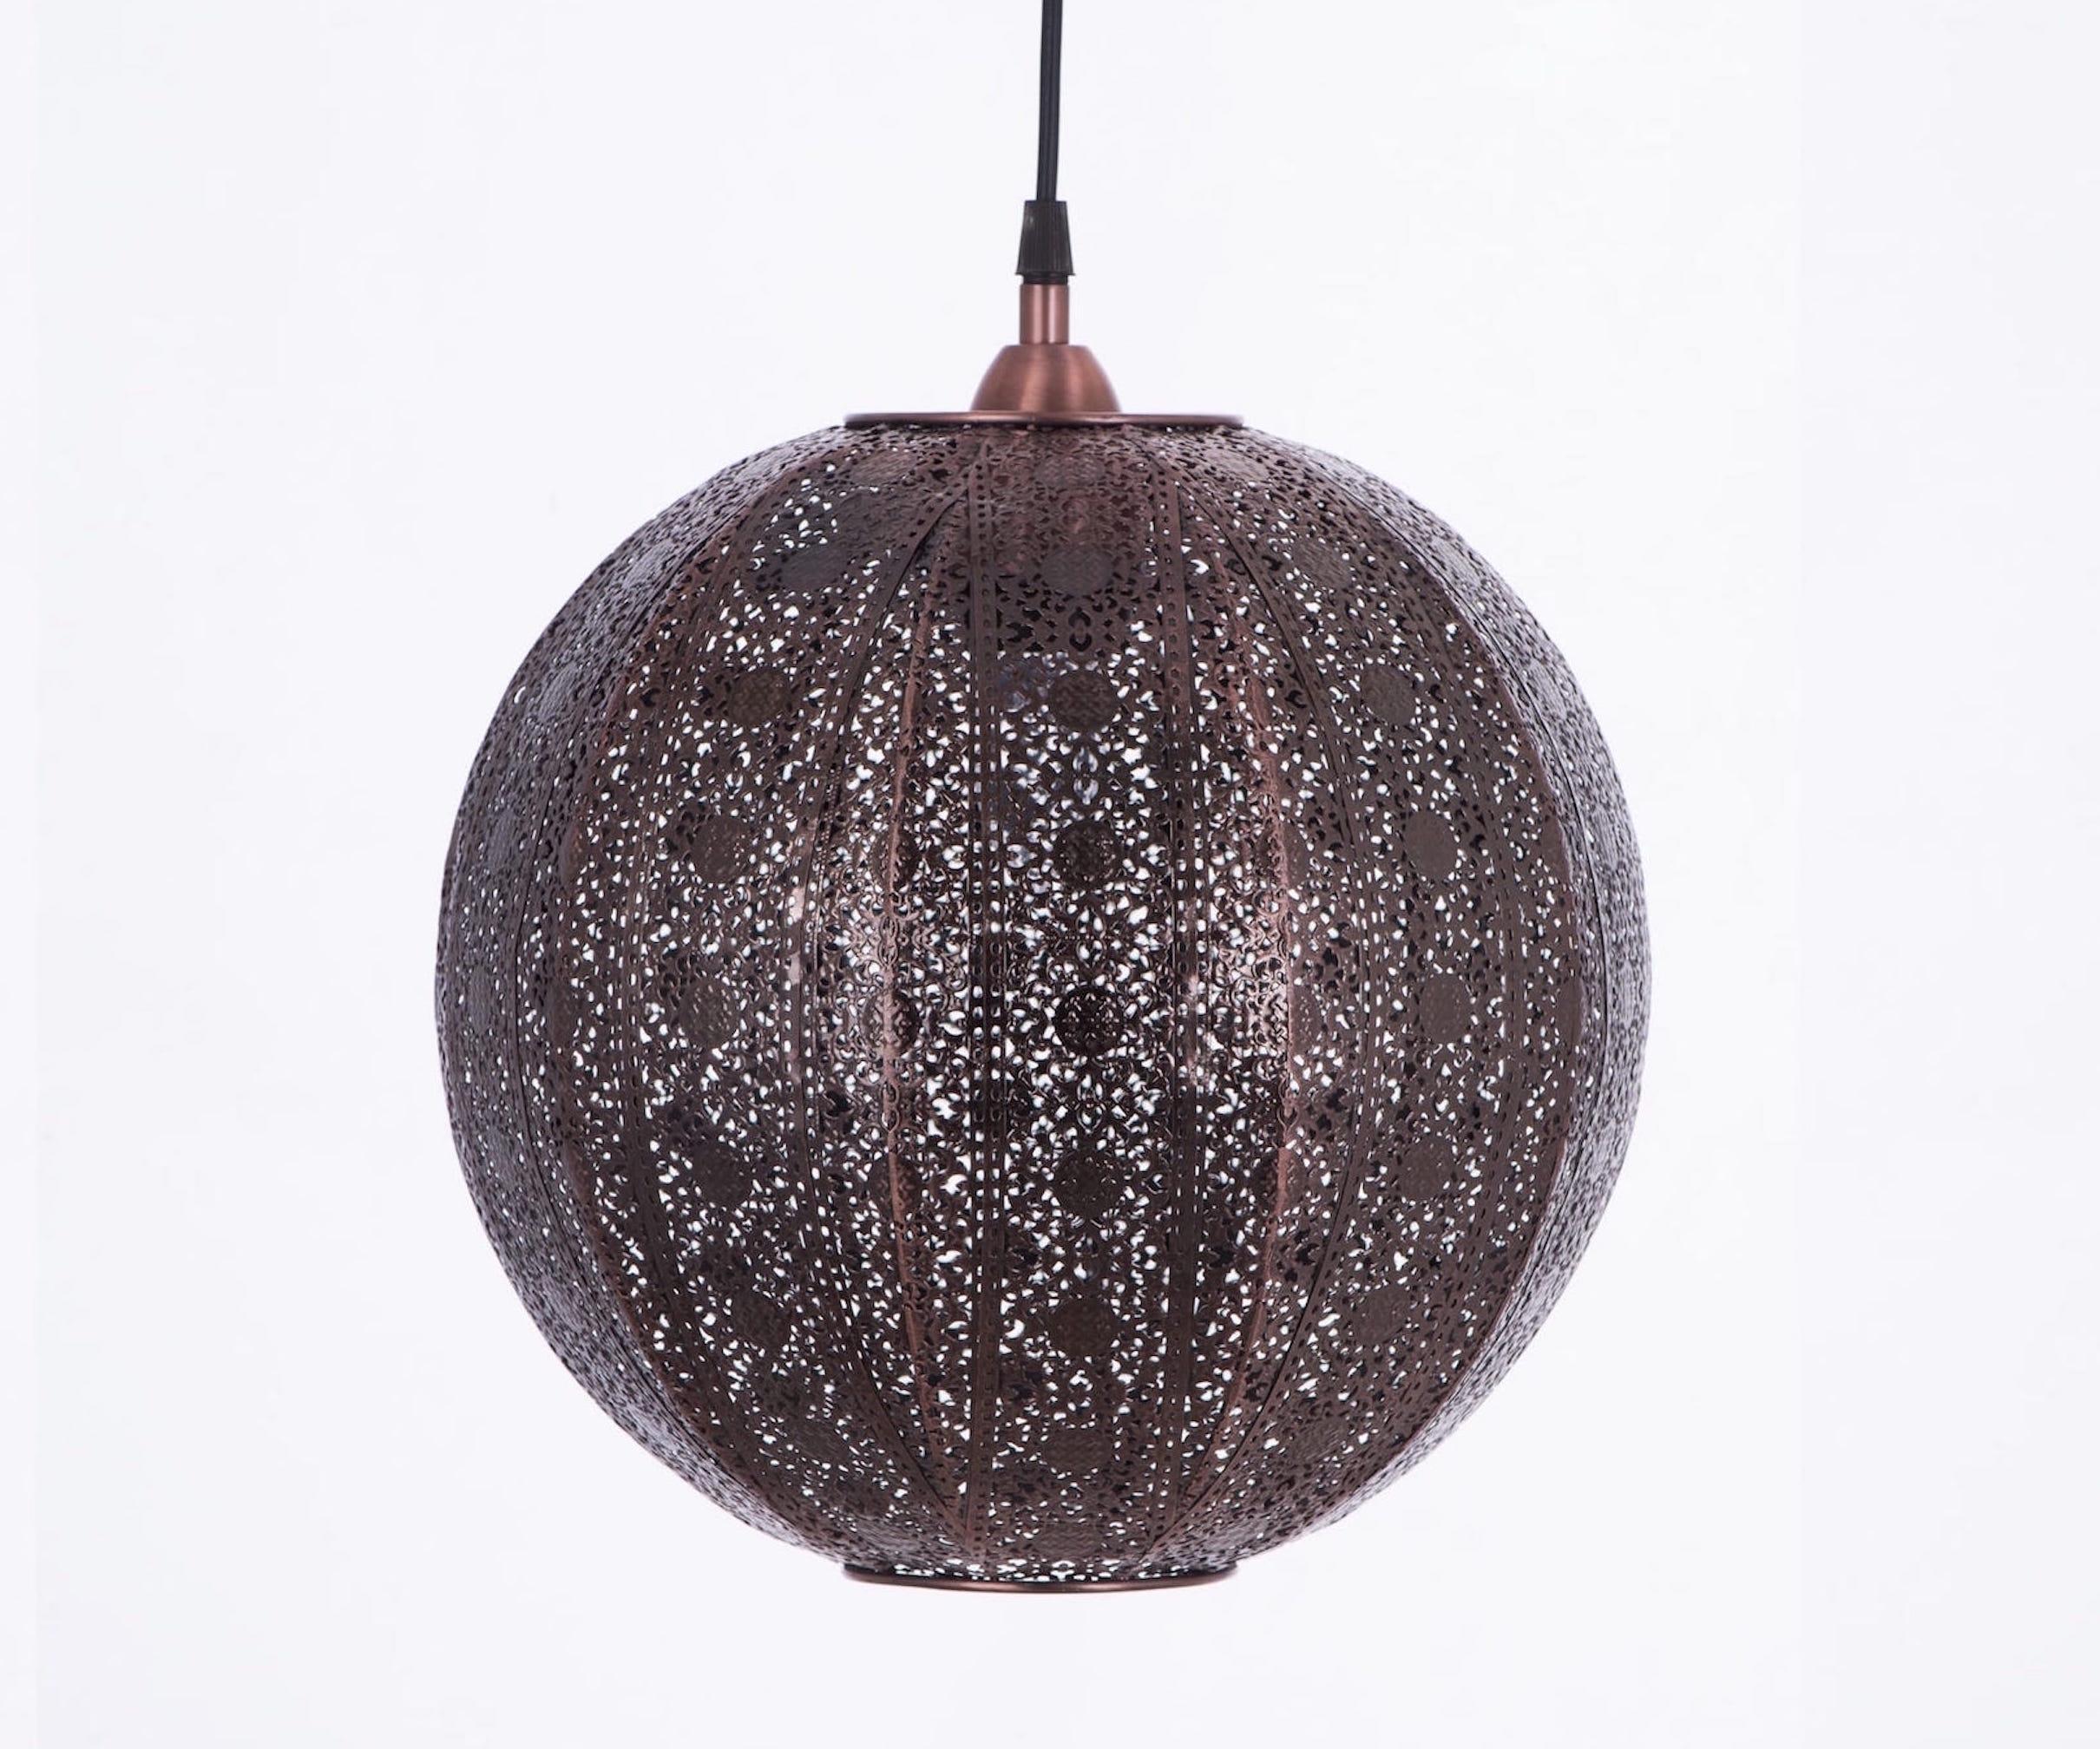 紅銅刷黑蕾絲花邊圓形吊燈-BNL00075 4